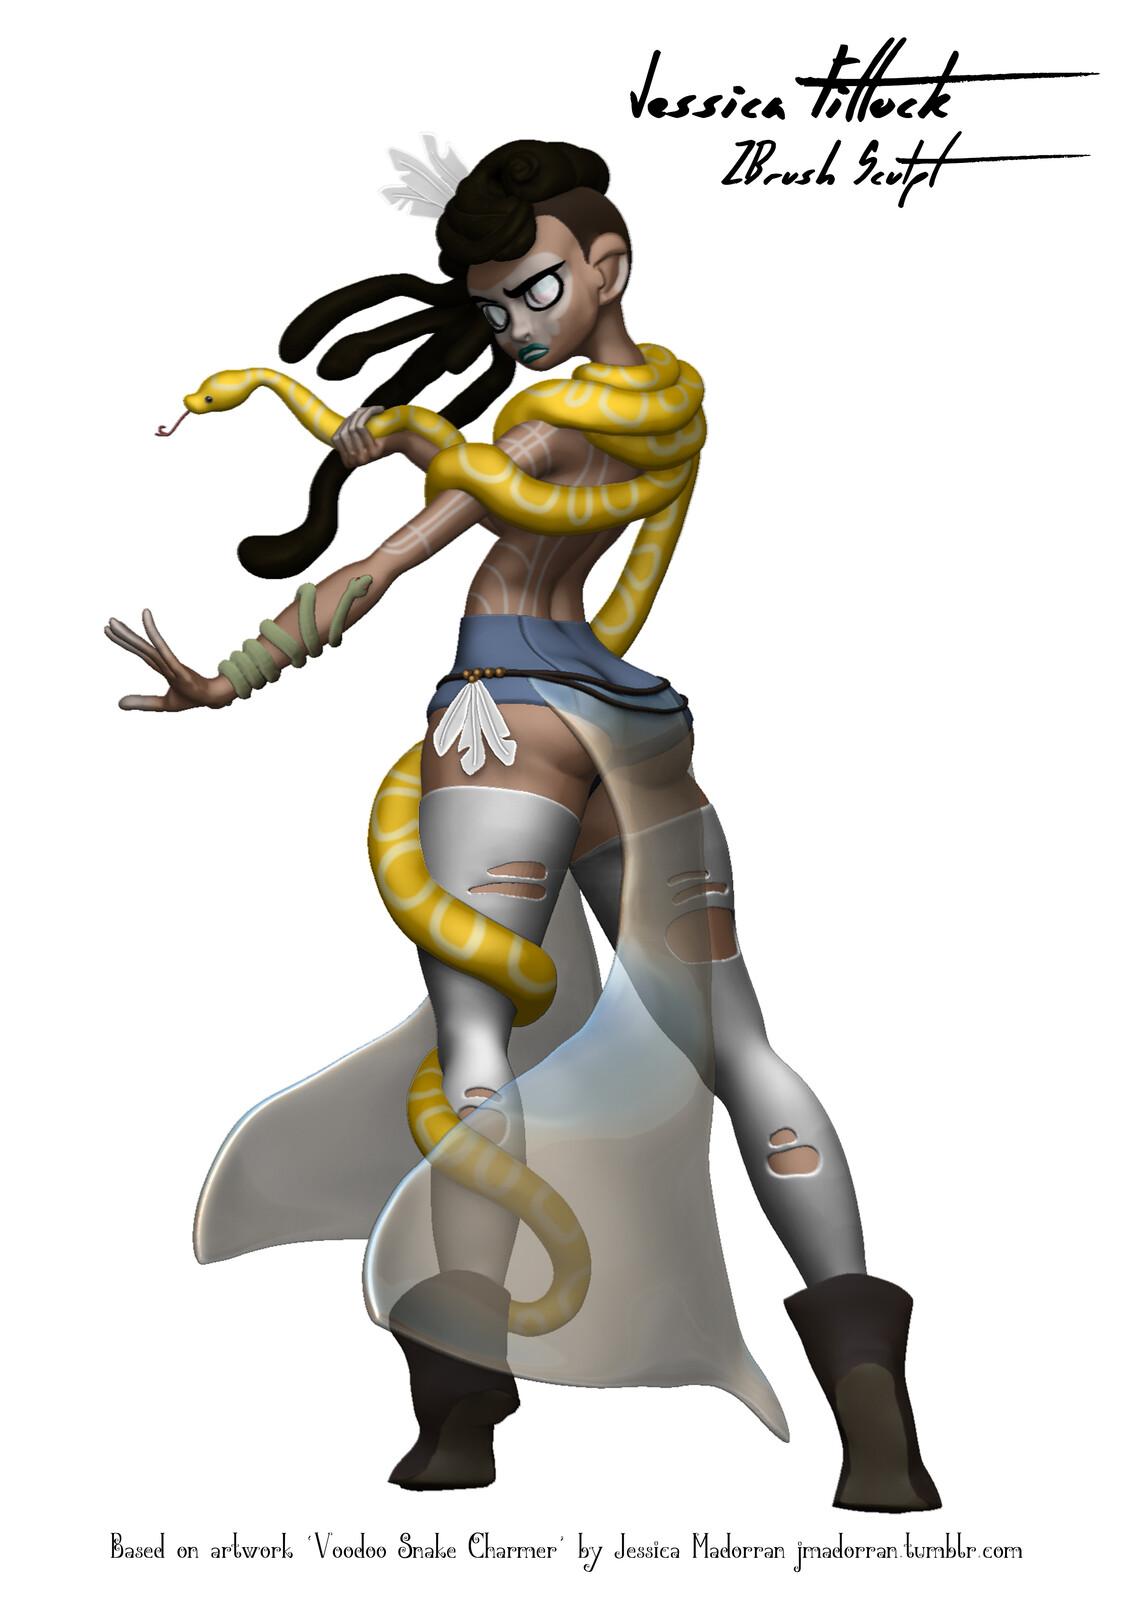 Voodoo Snake Charmer